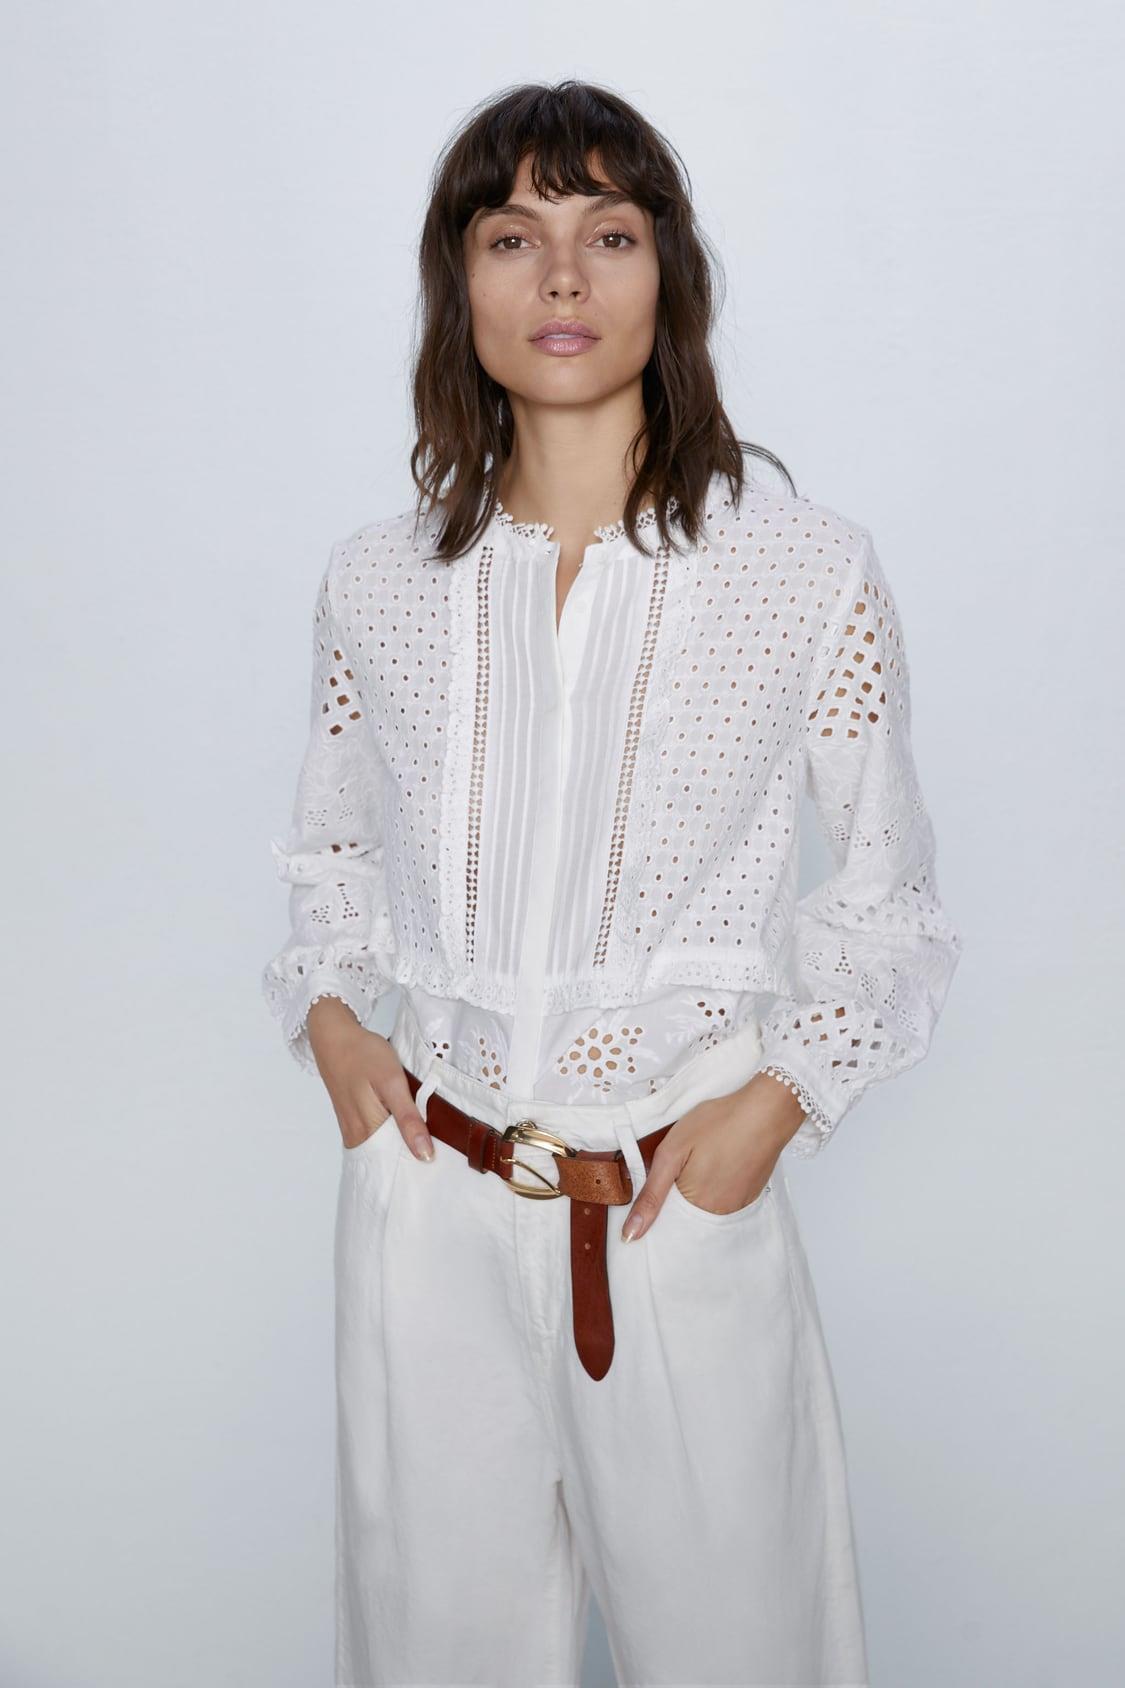 Generalizar Ese Fangoso  Camisas blancas mujer 2020: Zara, Mango y Bershka apuestan por las  románticas